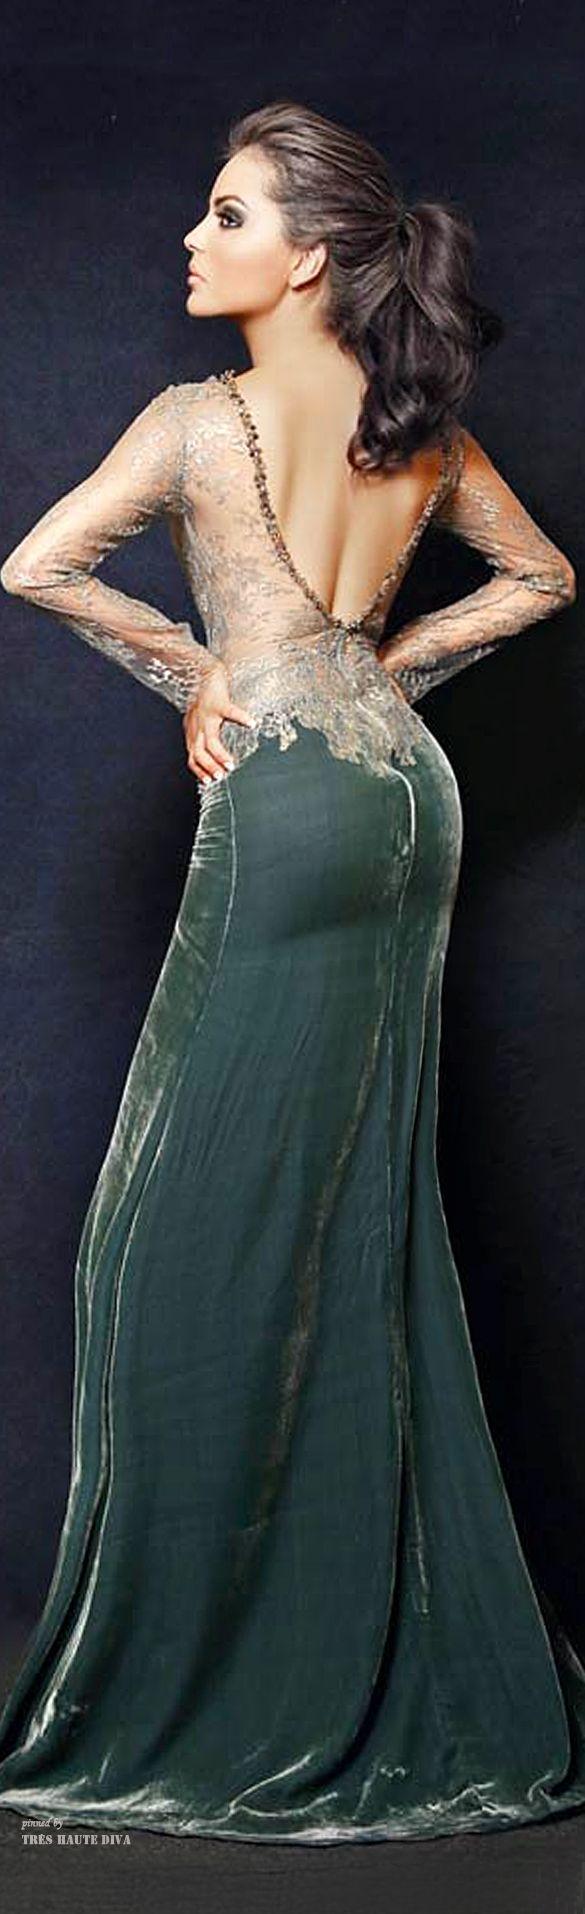 best cocteil dress images on pinterest formal dresses party